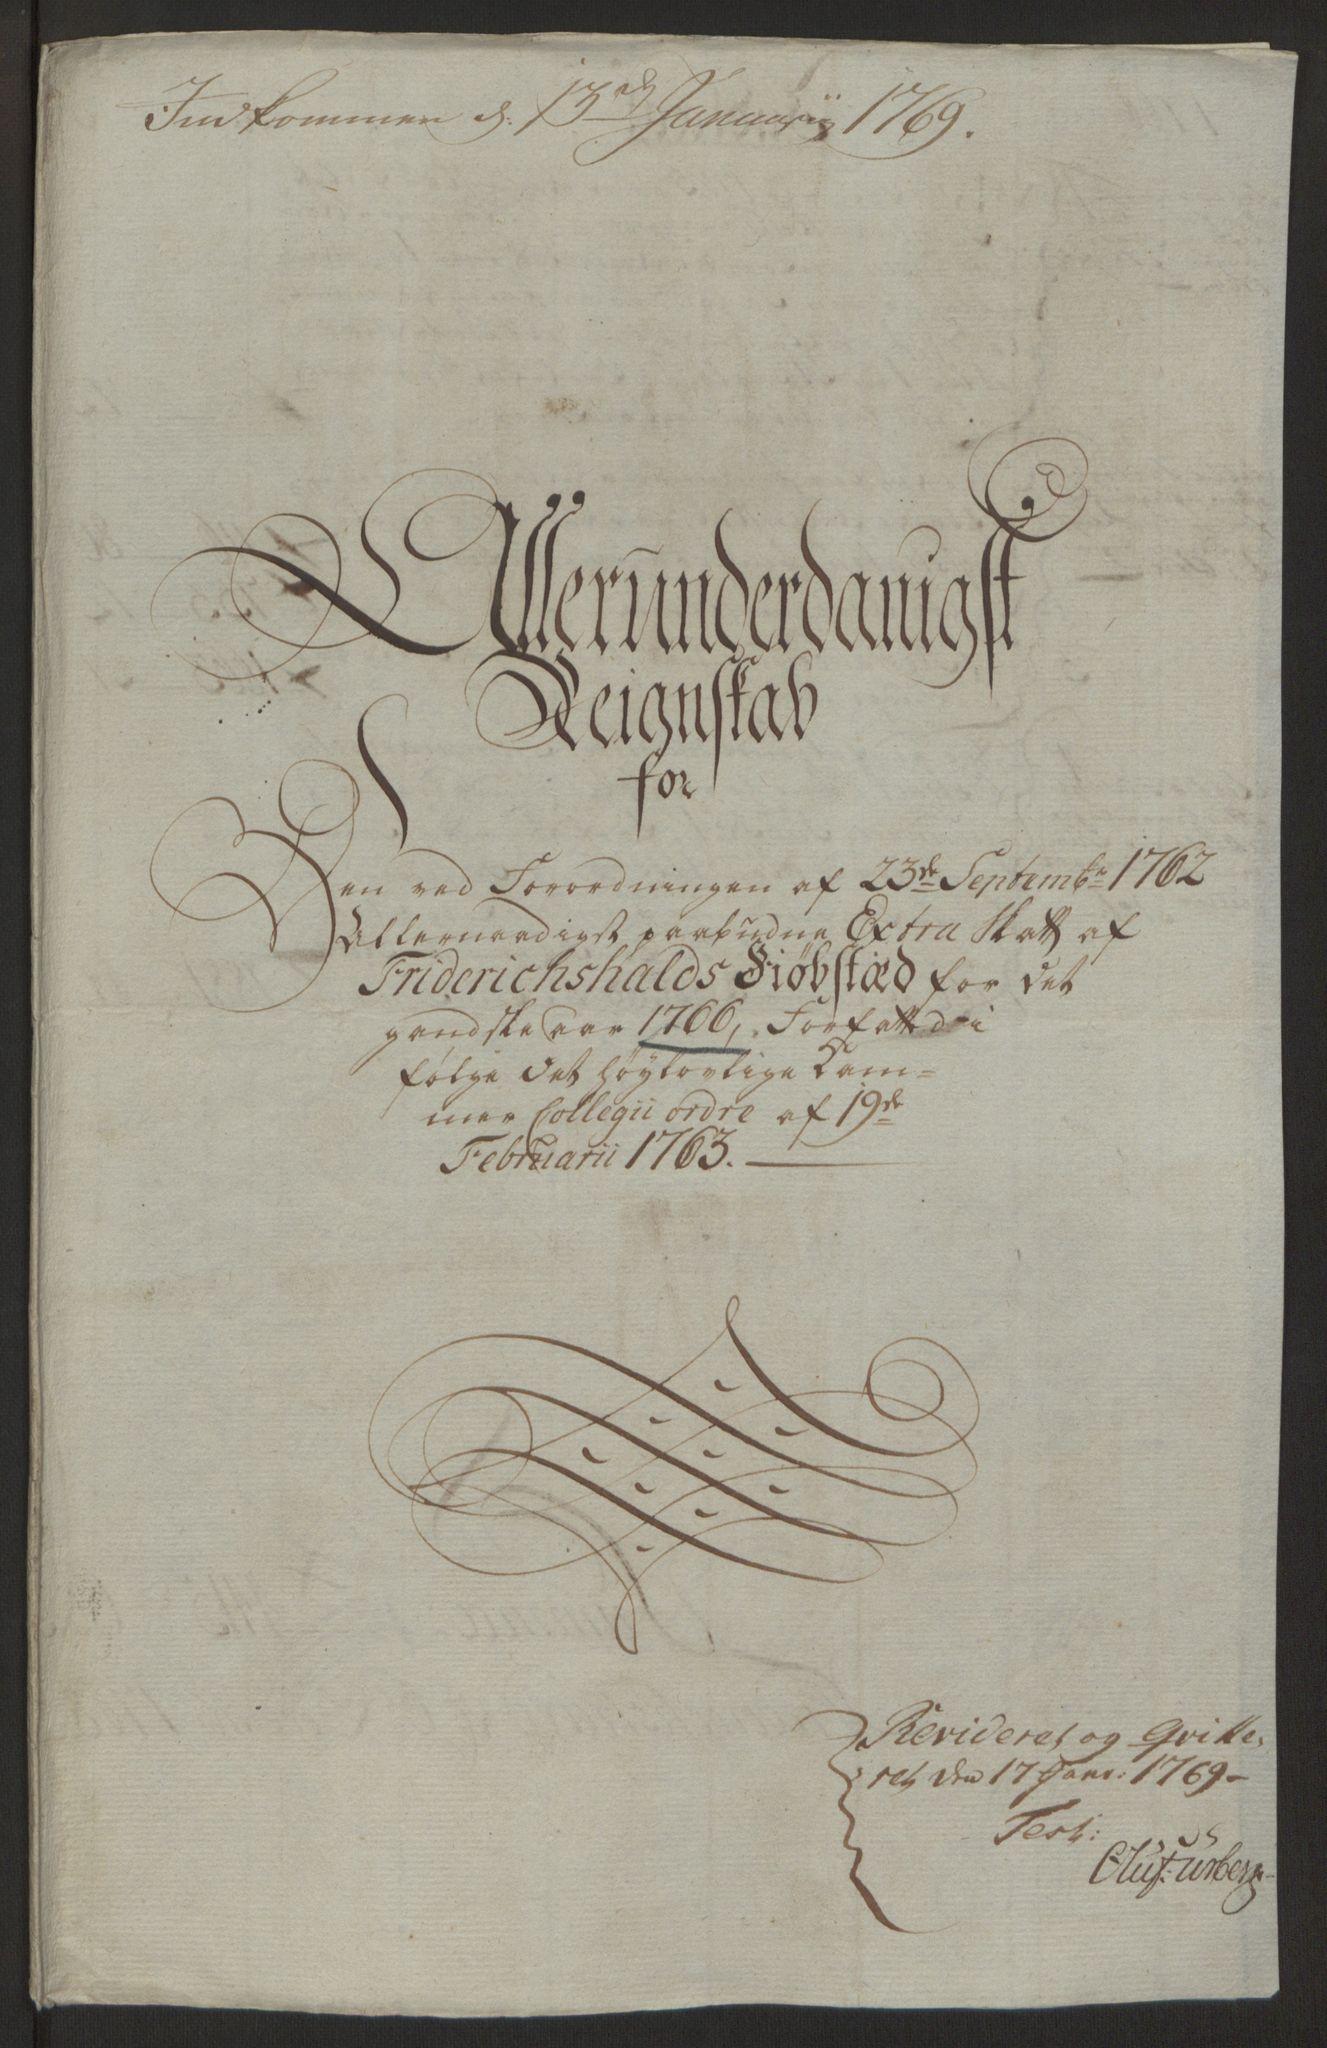 RA, Rentekammeret inntil 1814, Reviderte regnskaper, Byregnskaper, R/Ra/L0006: [A4] Kontribusjonsregnskap, 1762-1772, s. 128